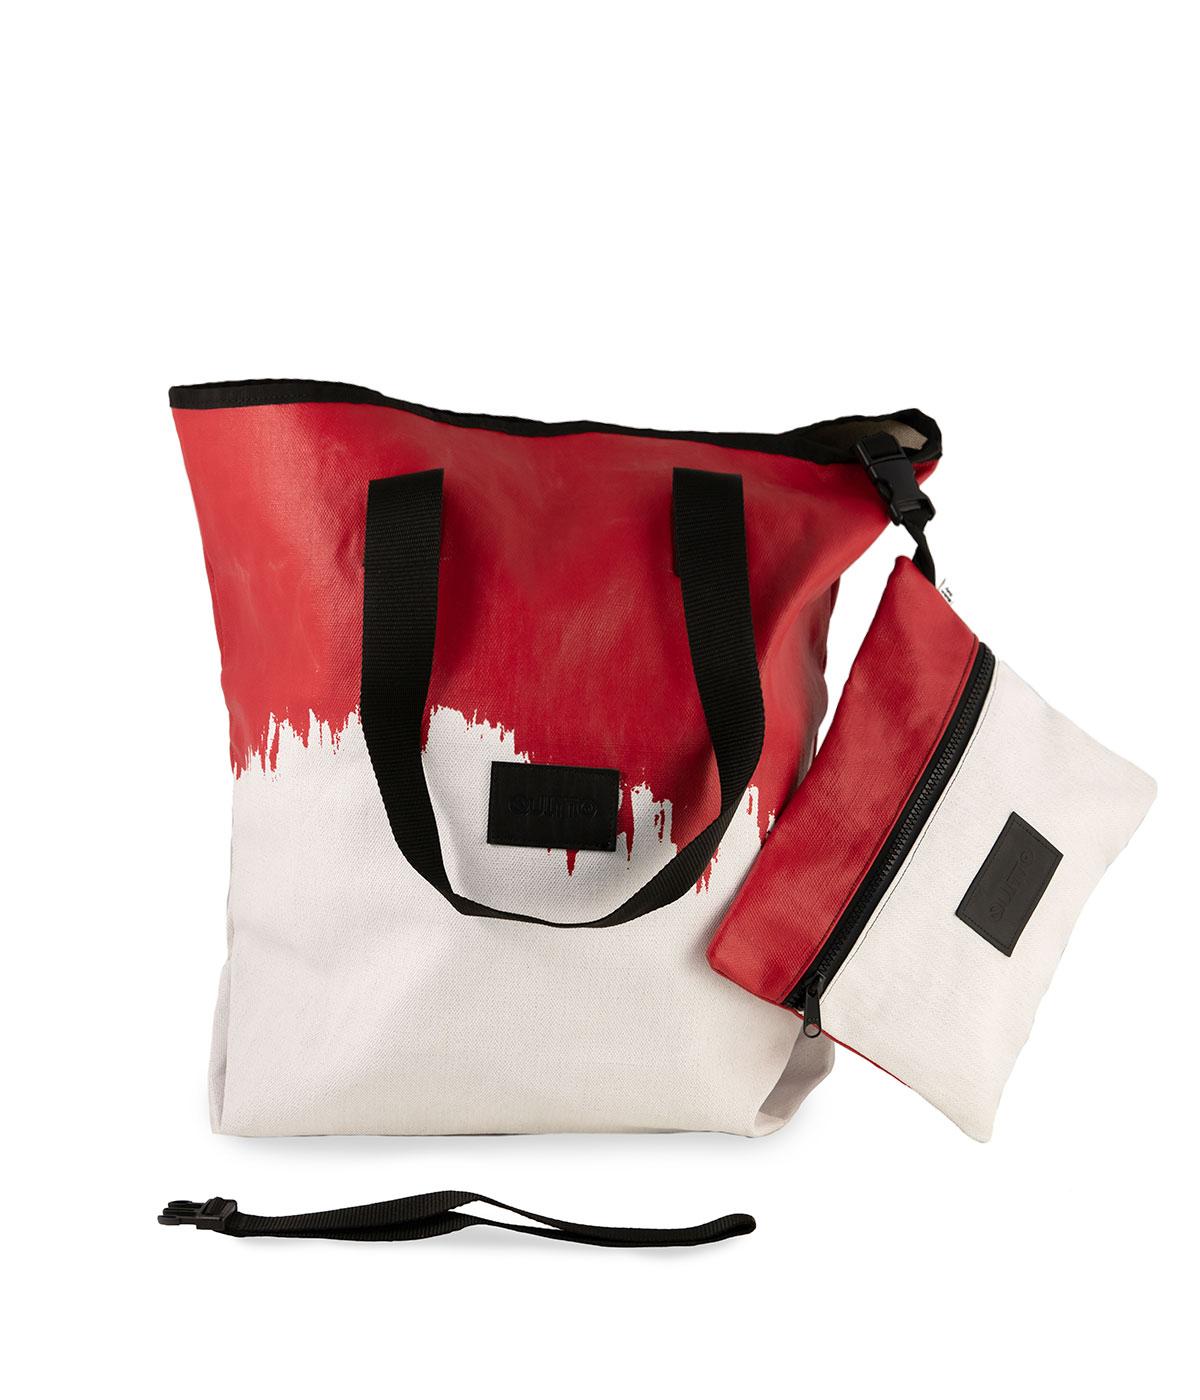 Sacca Rettangolare Impermeabile Bianca e Rossa Quitto Bags